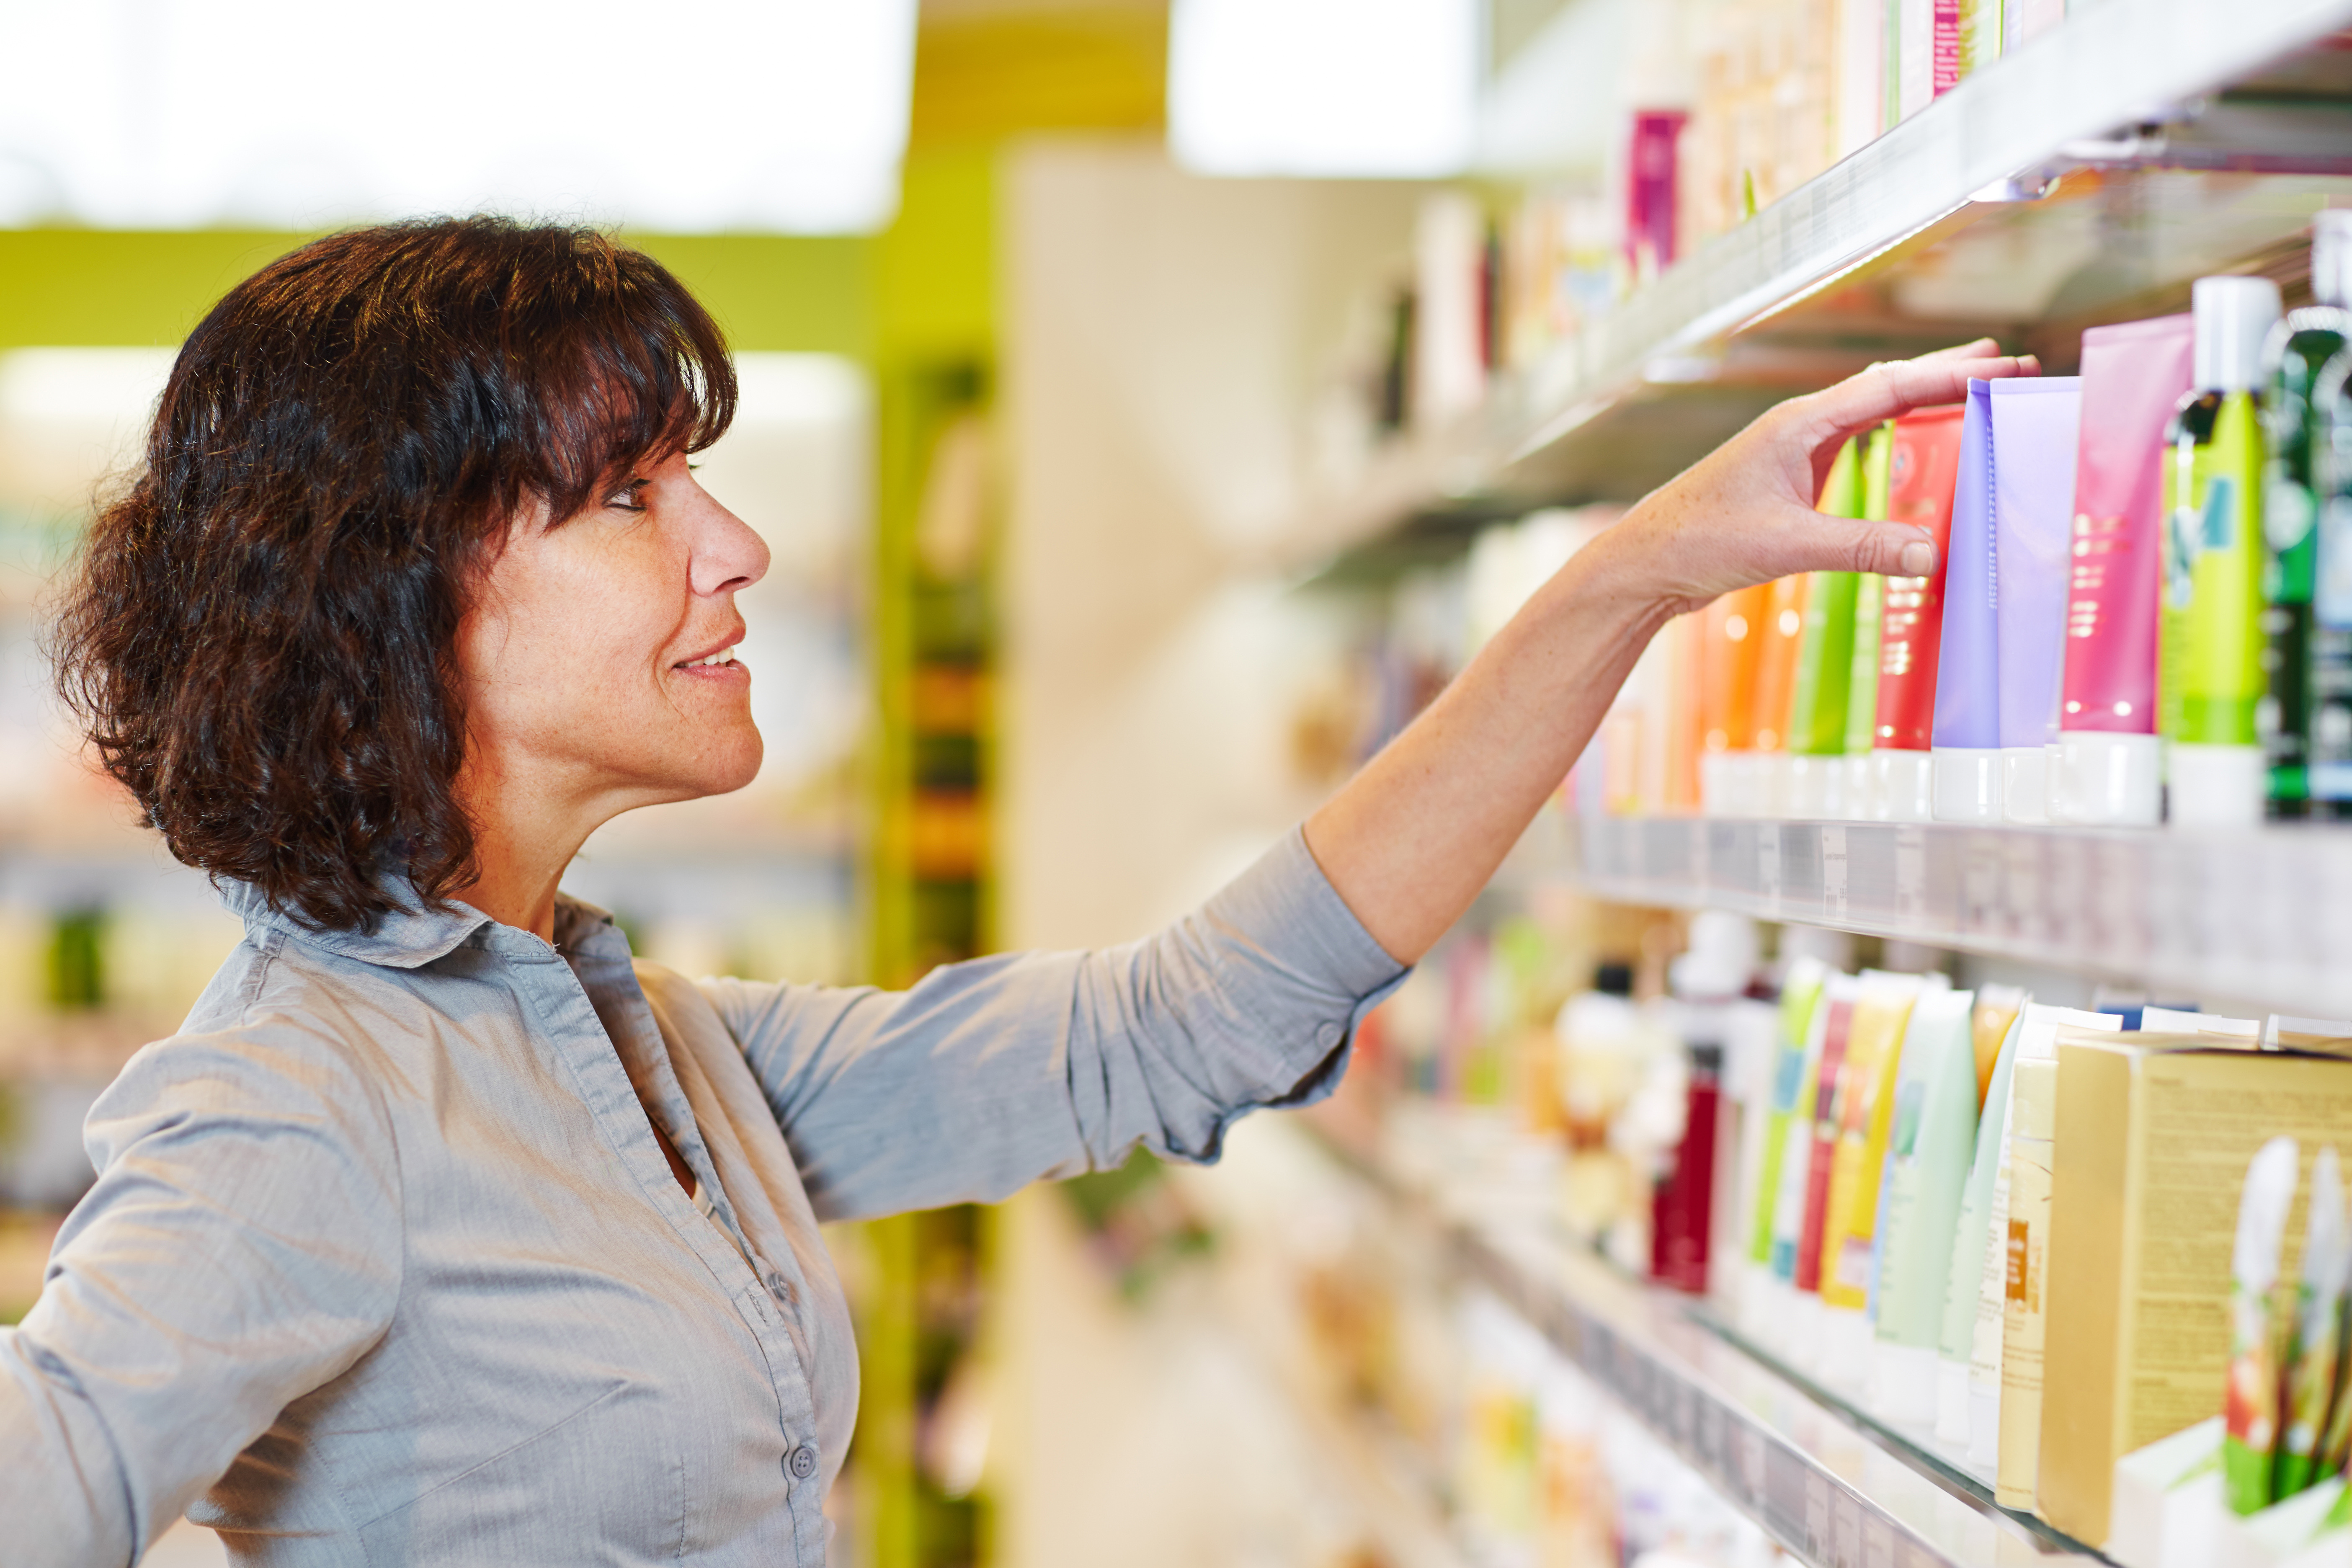 Åtta av tio kan tänka sig att välja helt parfymfritt förutsatt att de skönhetsprodukter man använder finns som oparfymerade alternativ.